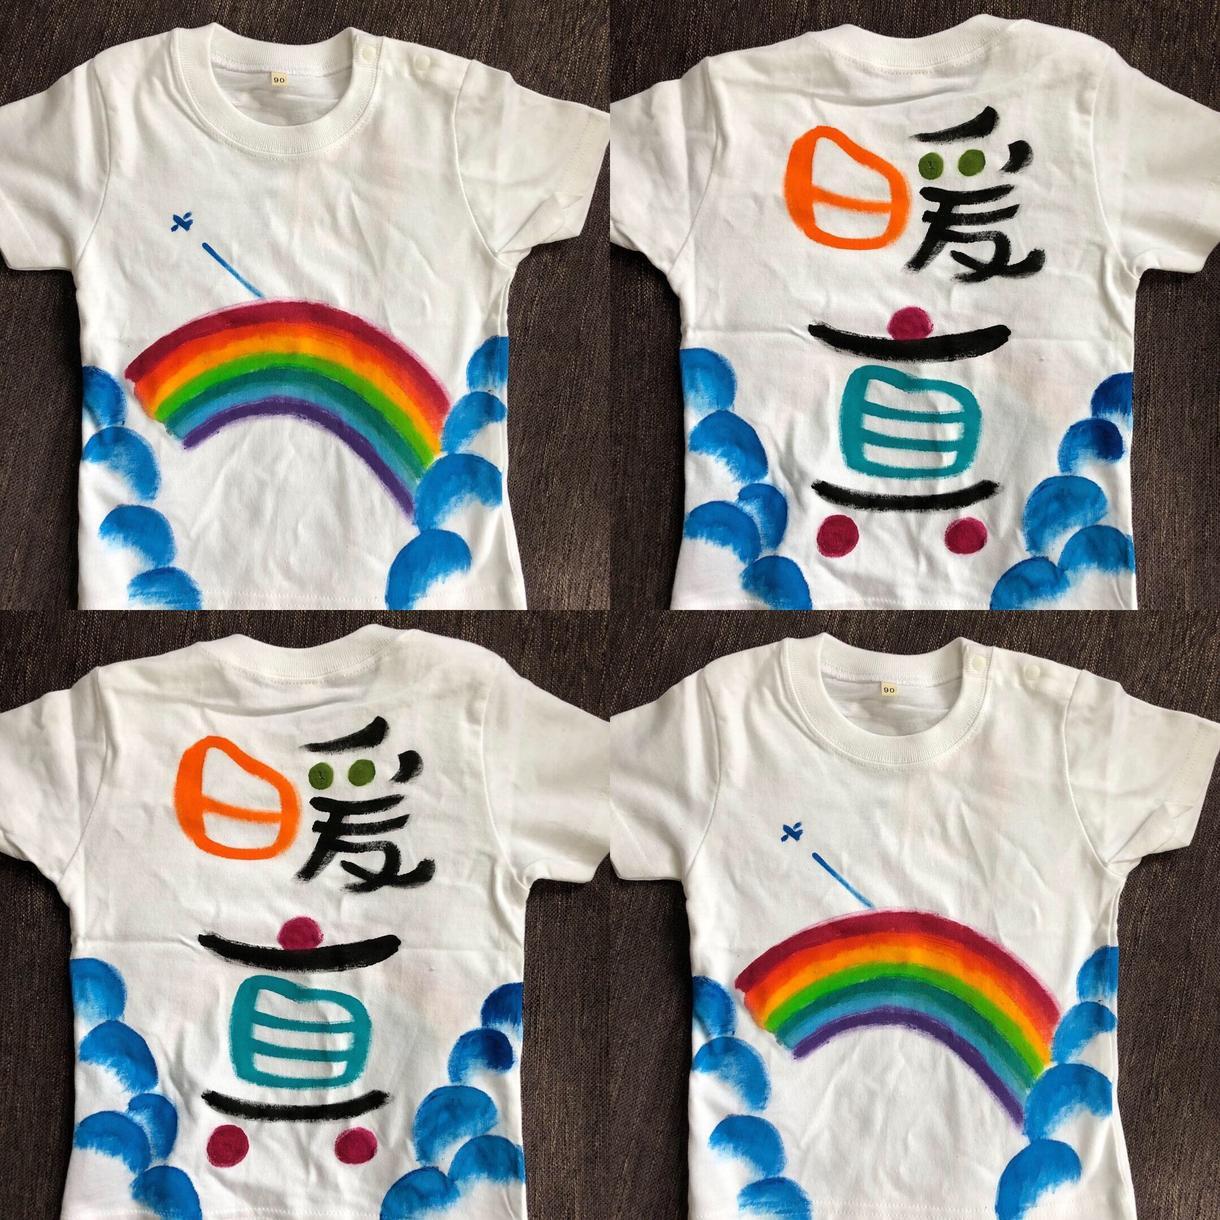 名前入りTシャツ作ります 世界でたった一つの服をお届け♪